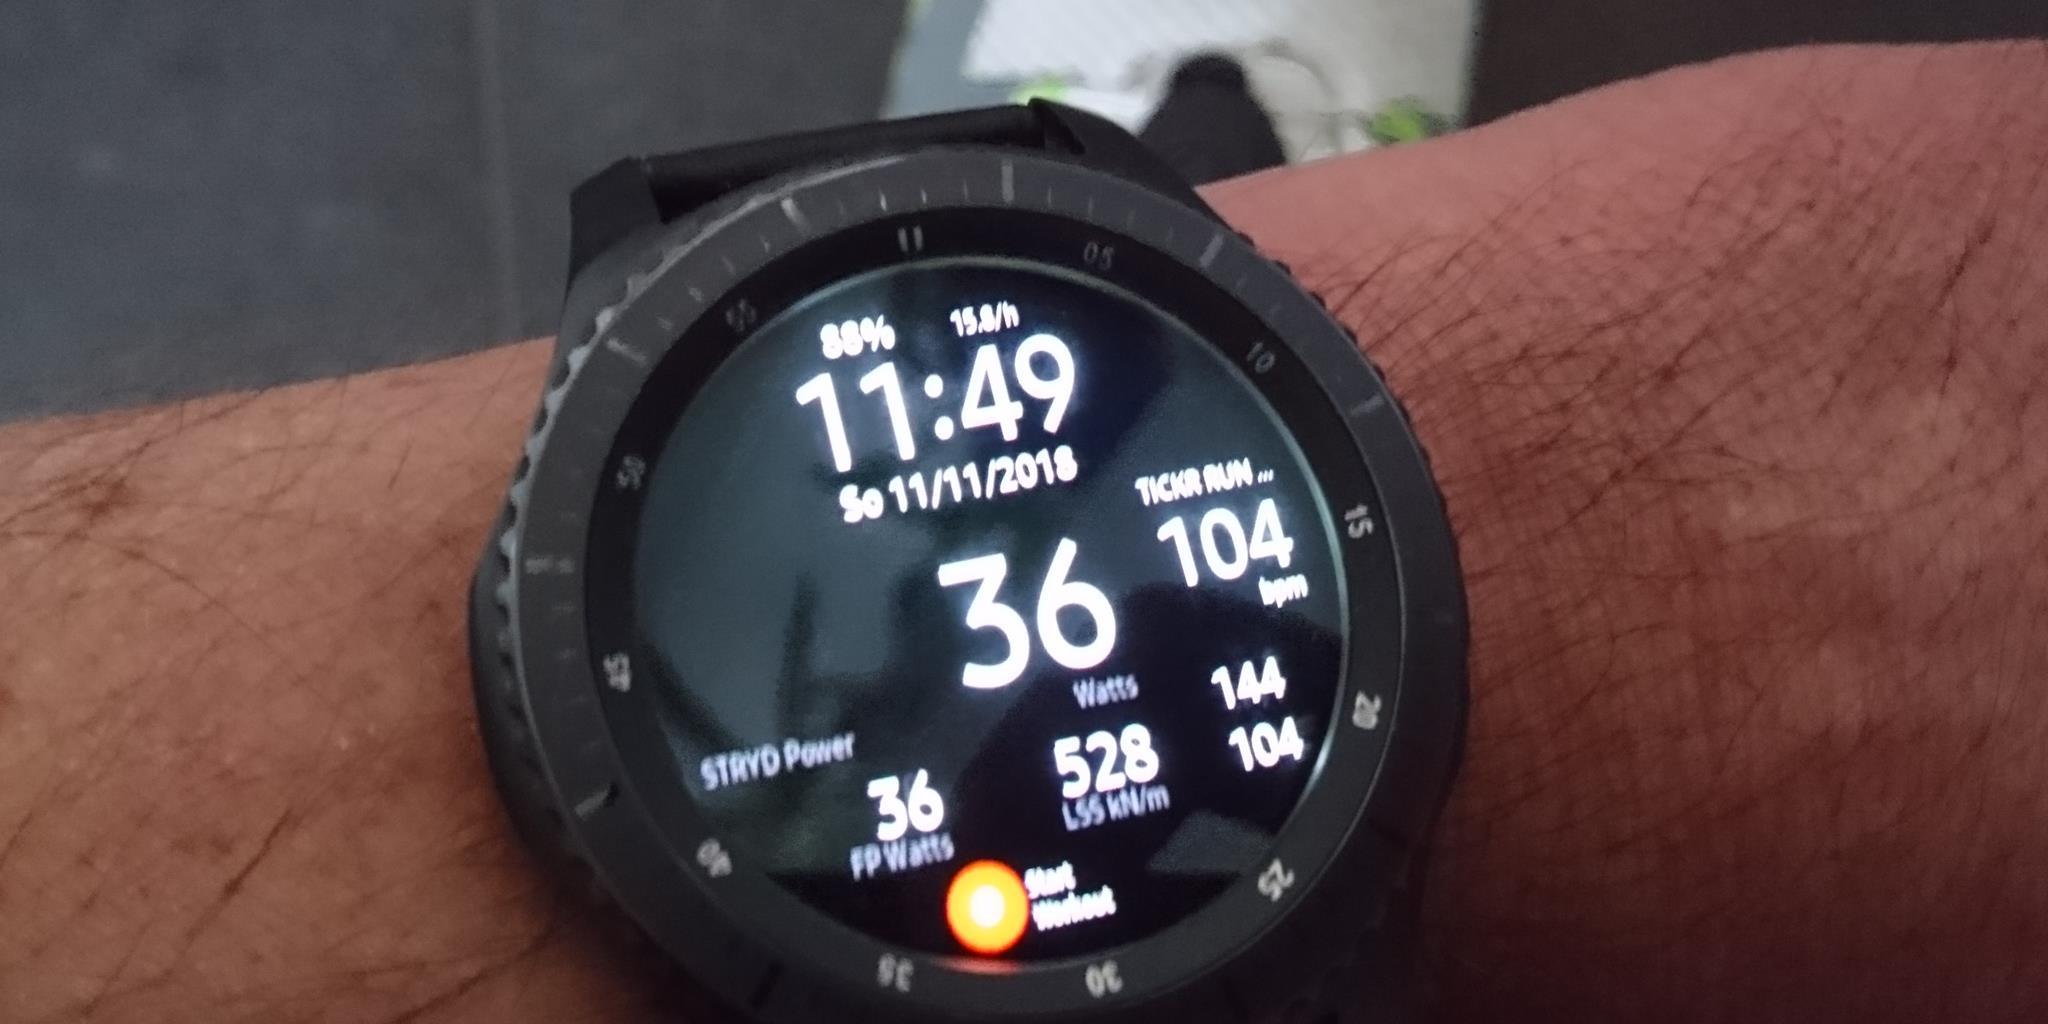 Sporty Watch